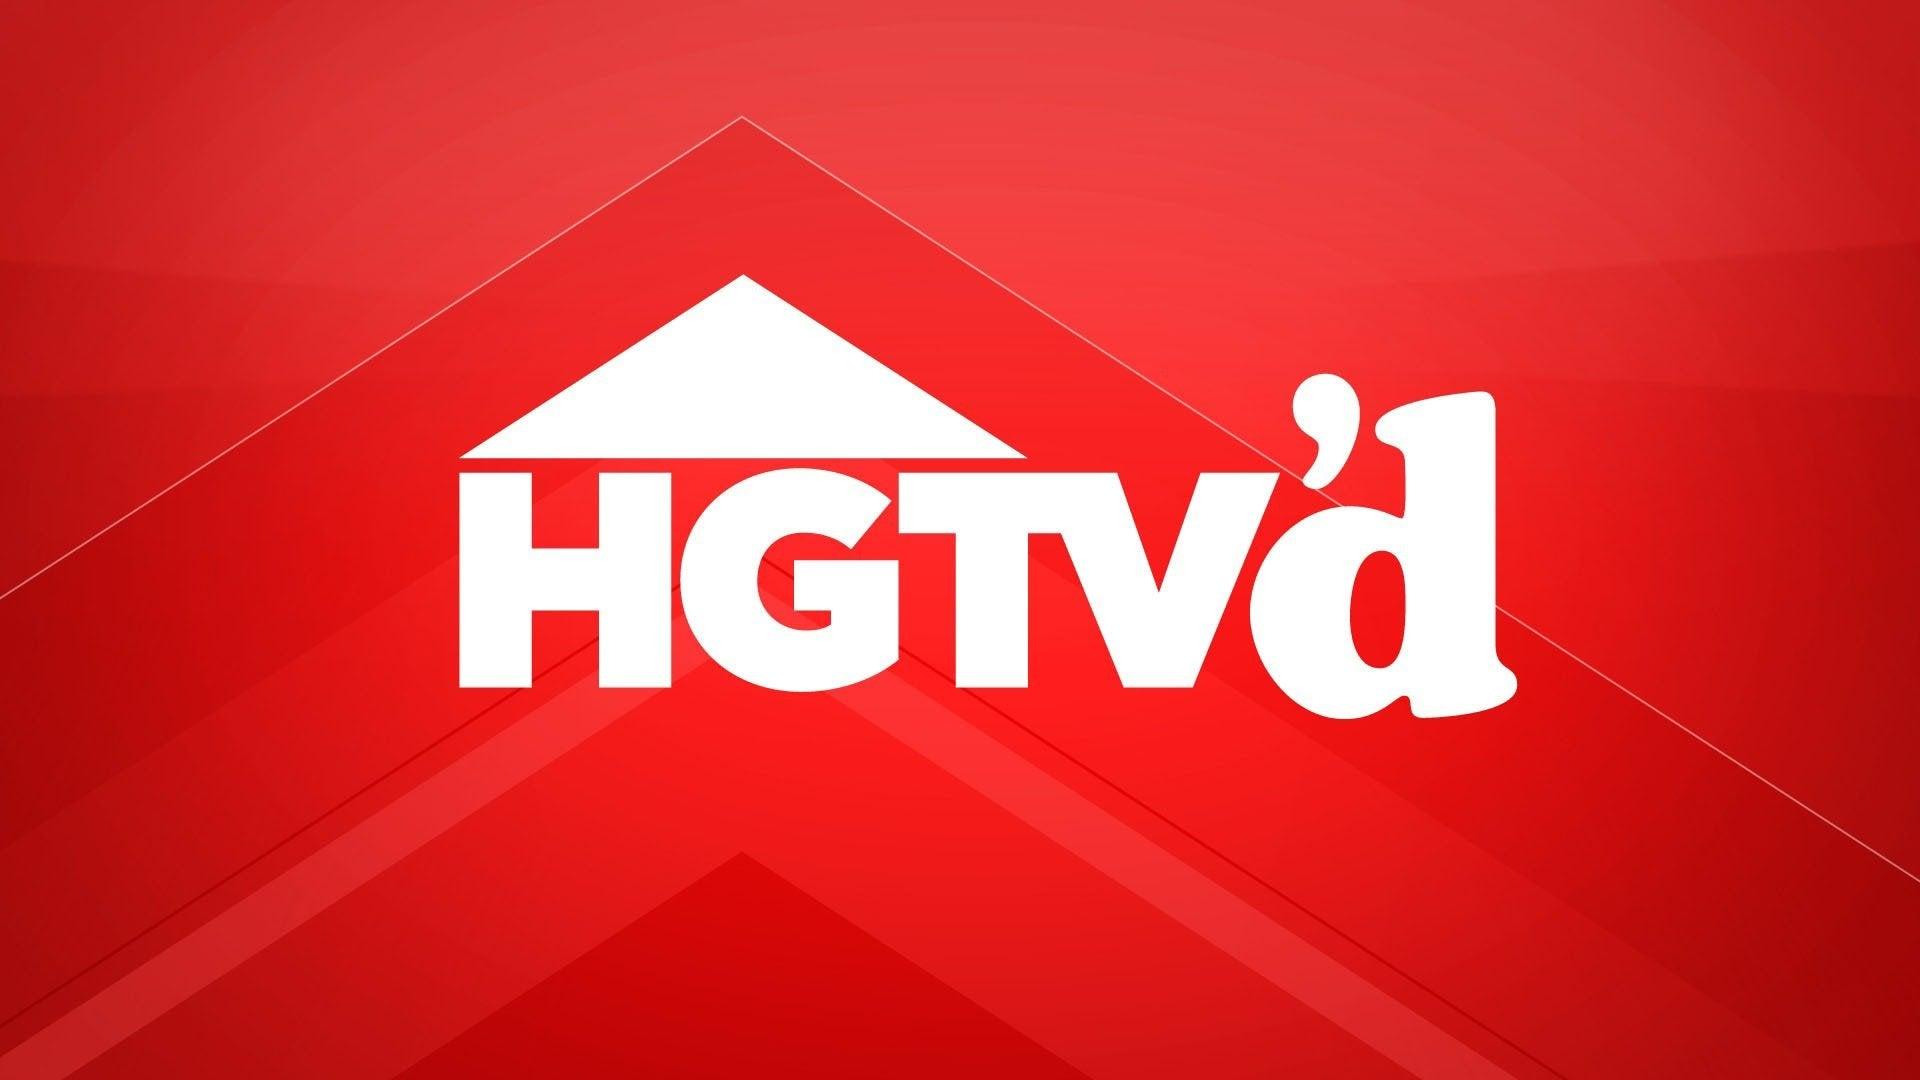 HGTV'd